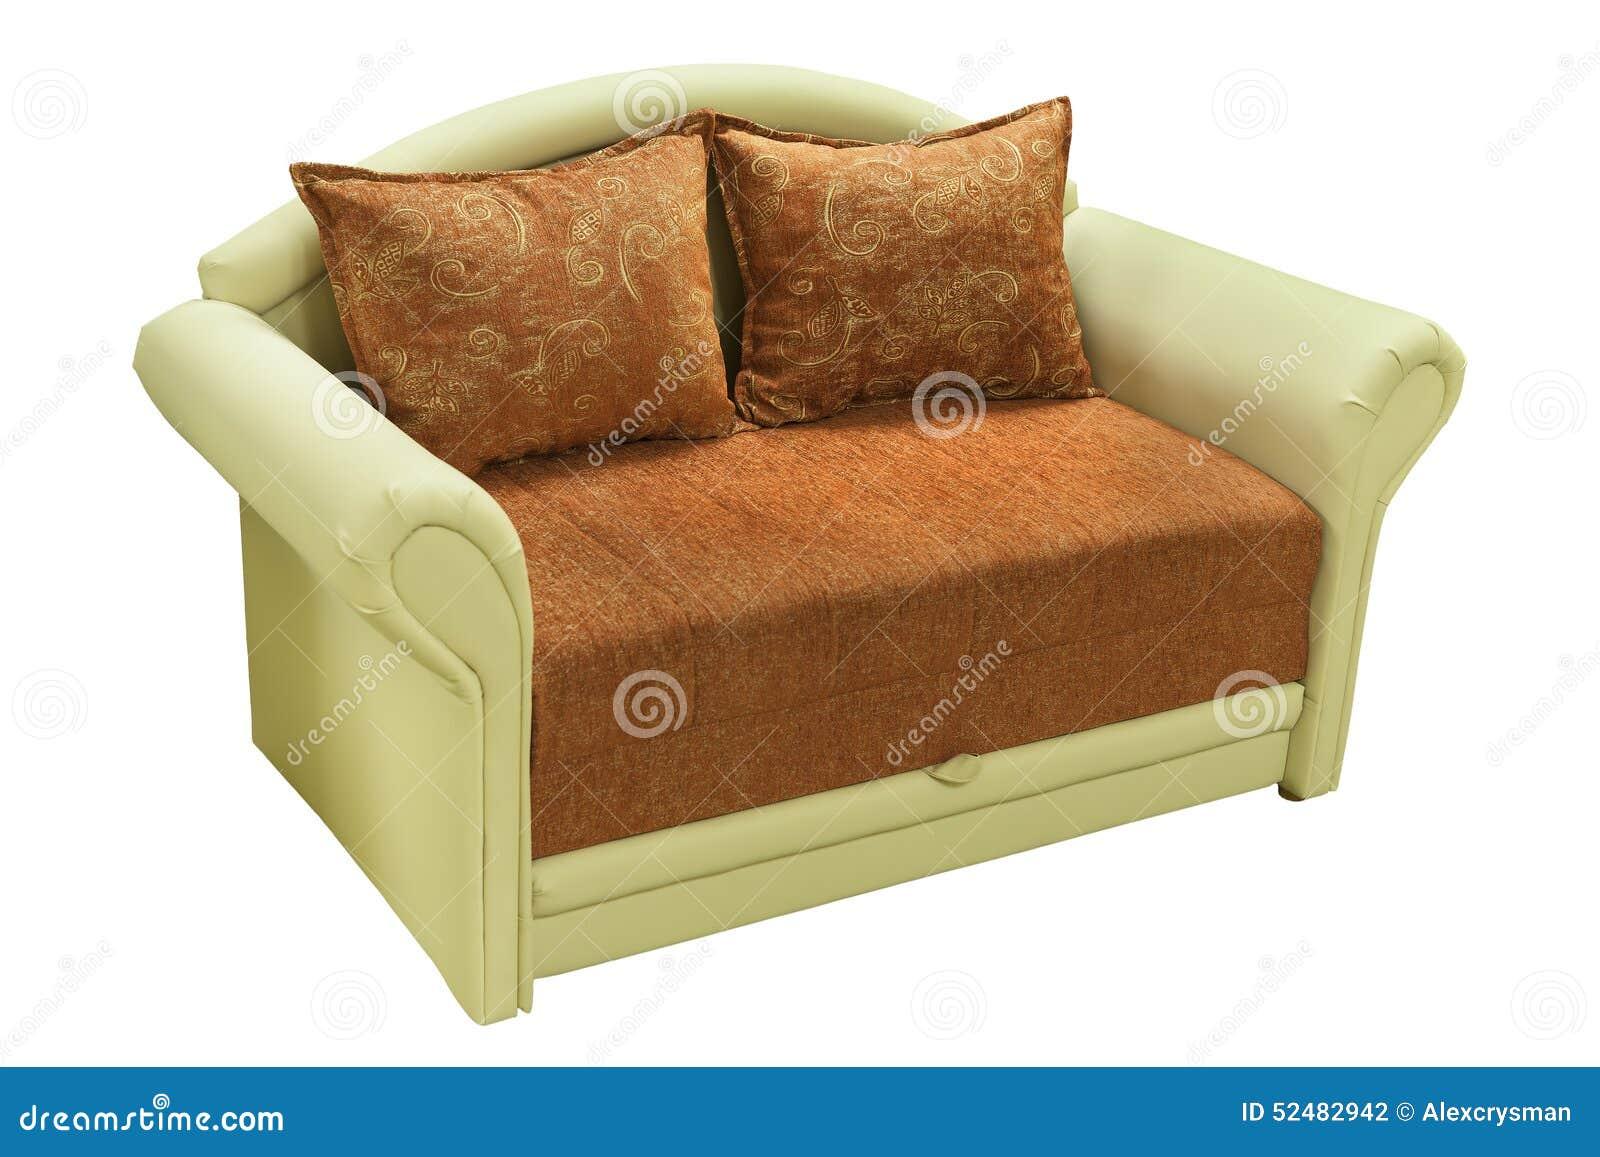 furniture stock photo image 52482942. Black Bedroom Furniture Sets. Home Design Ideas